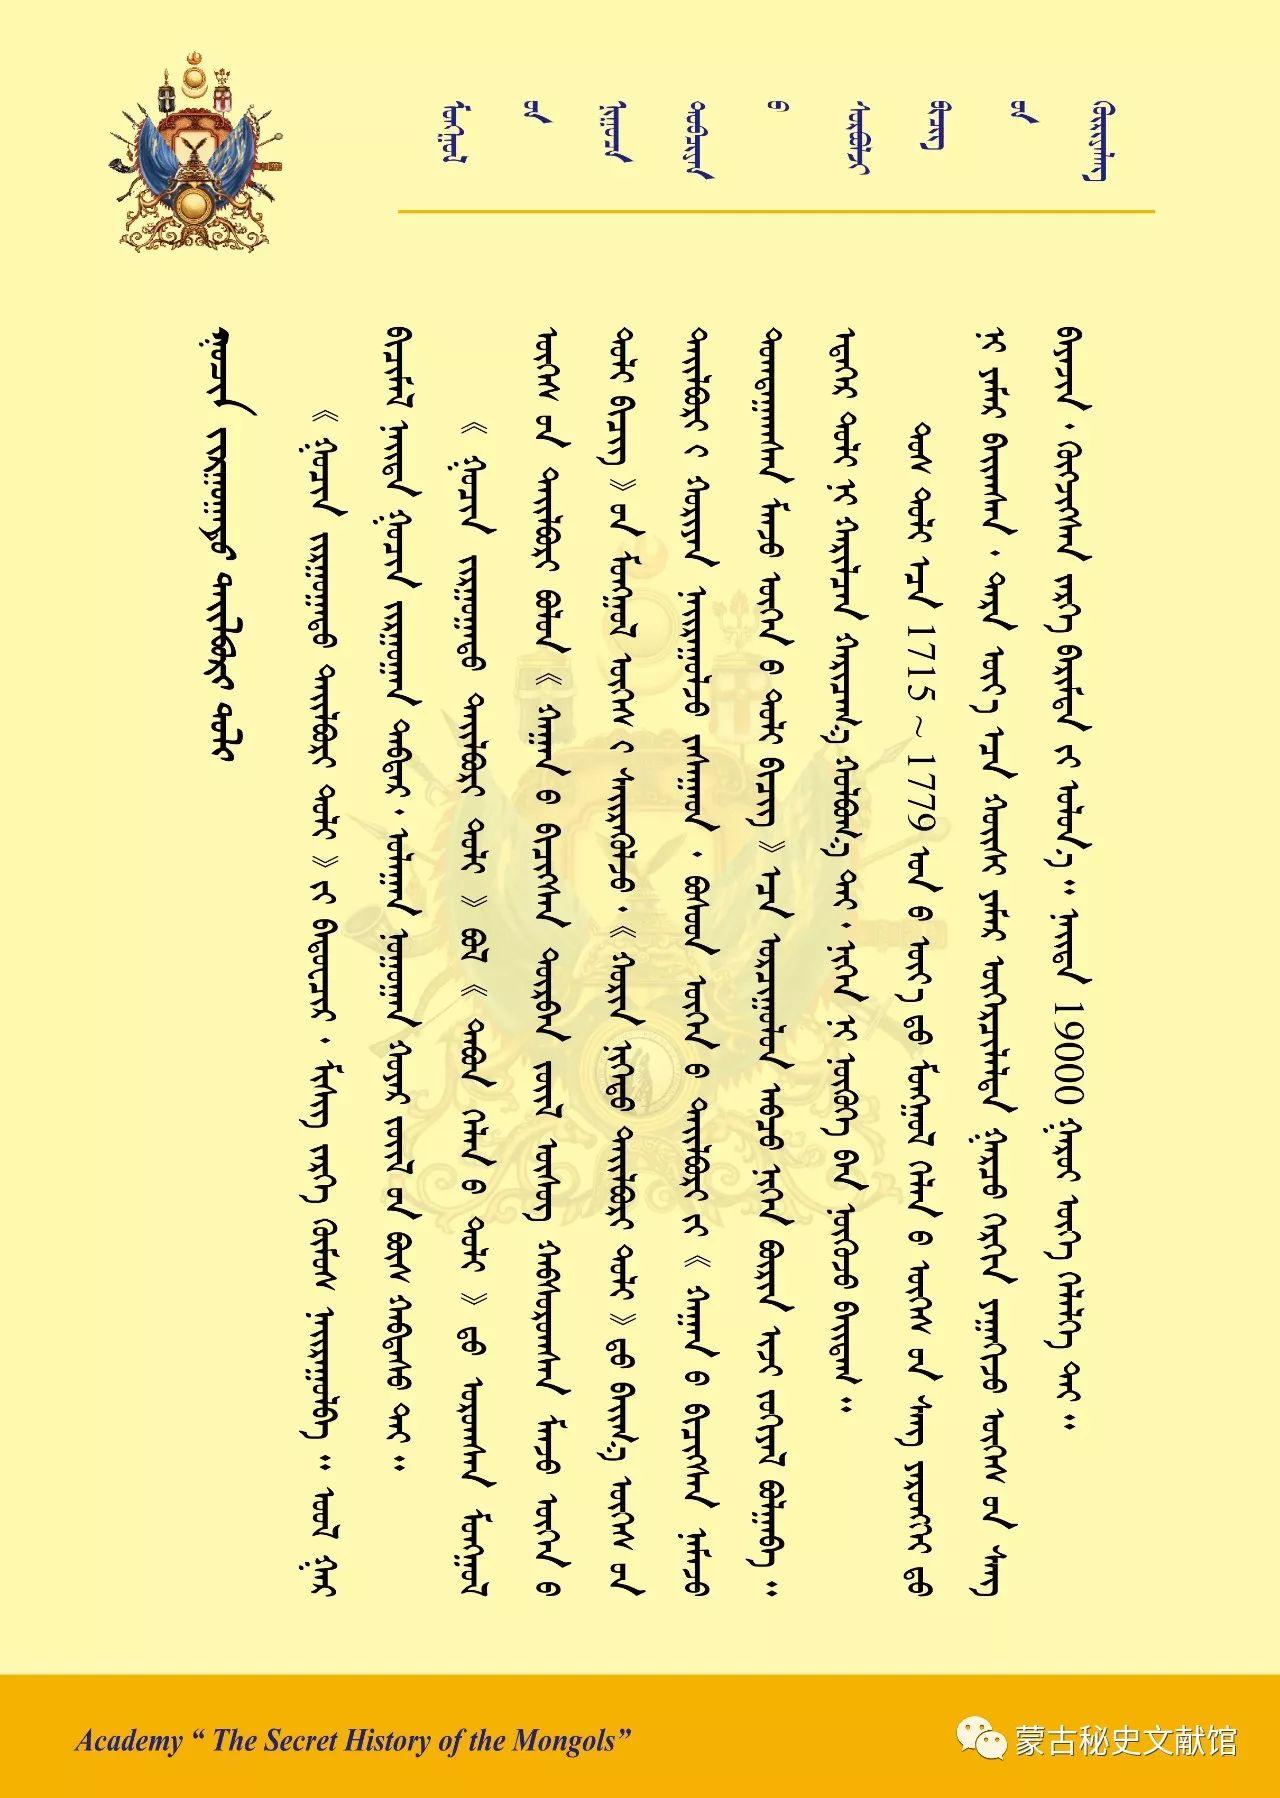 【蒙古文】三十六卷本辞典 第1张 【蒙古文】三十六卷本辞典 蒙古文化